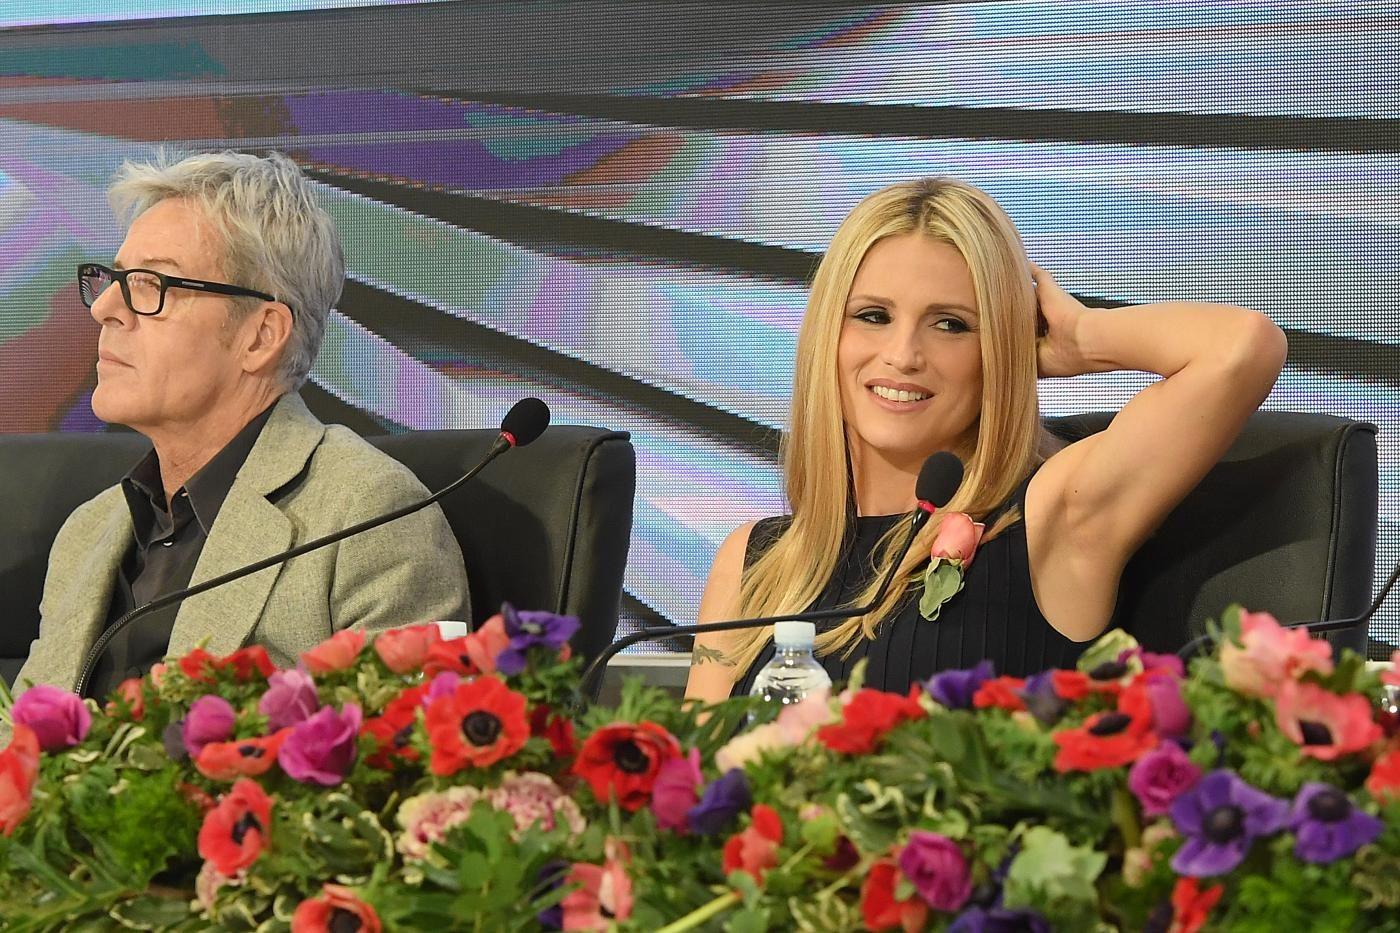 Gossip Festival di Sanremo: duetto per Laura Pausini e Fiorella Mannoia? Video